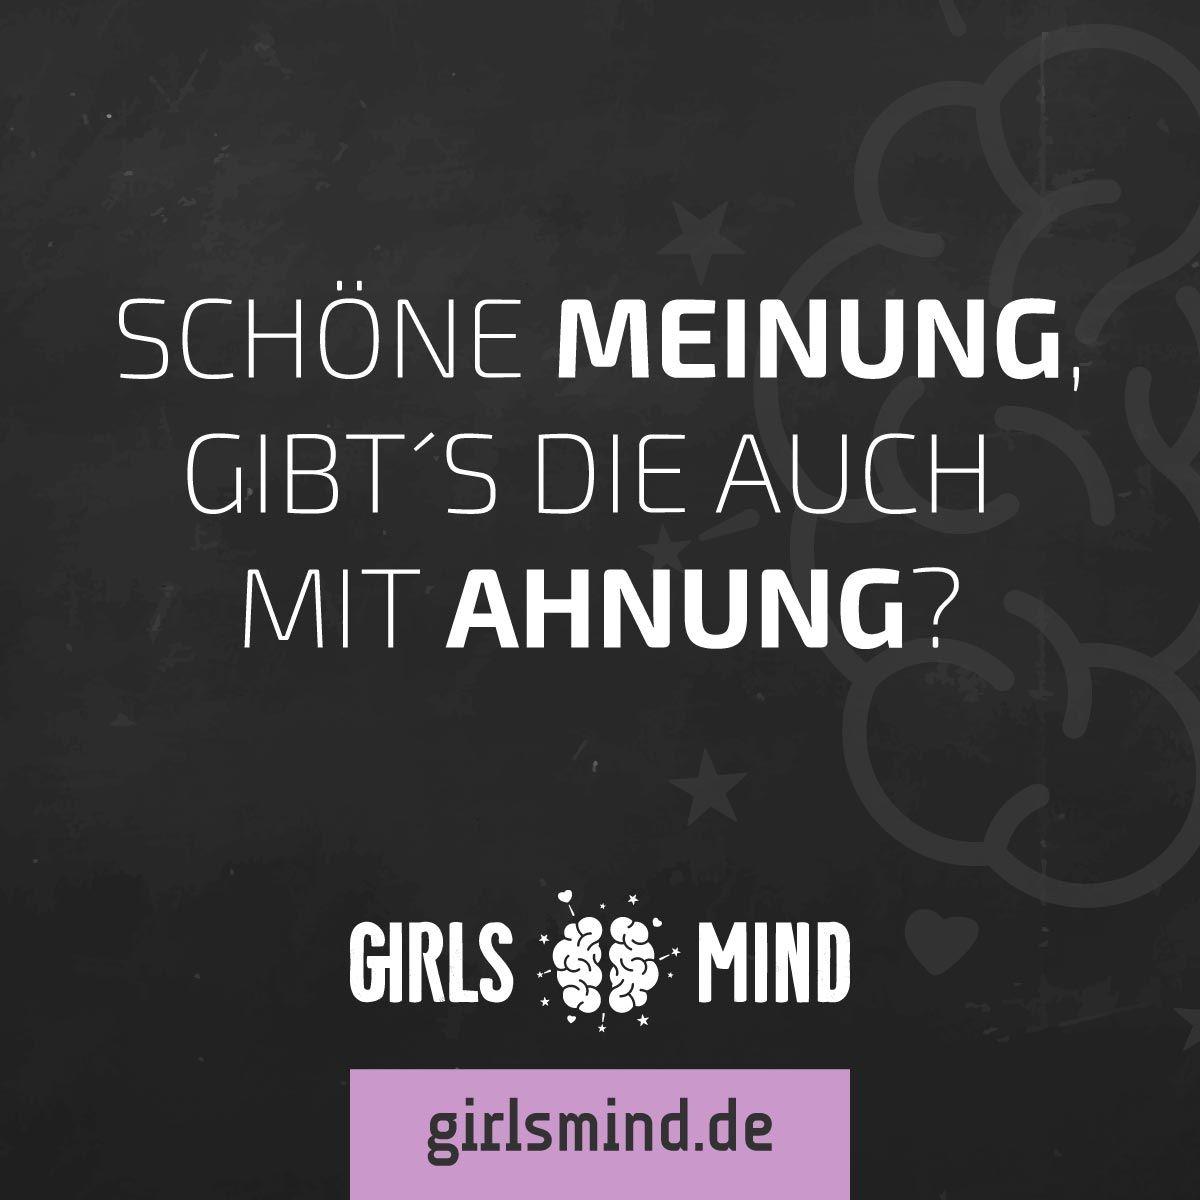 böse sprüche über kollegen Nur nicht aufregen. Mehr Sprüche auf: .girlsmind.de #genervt  böse sprüche über kollegen